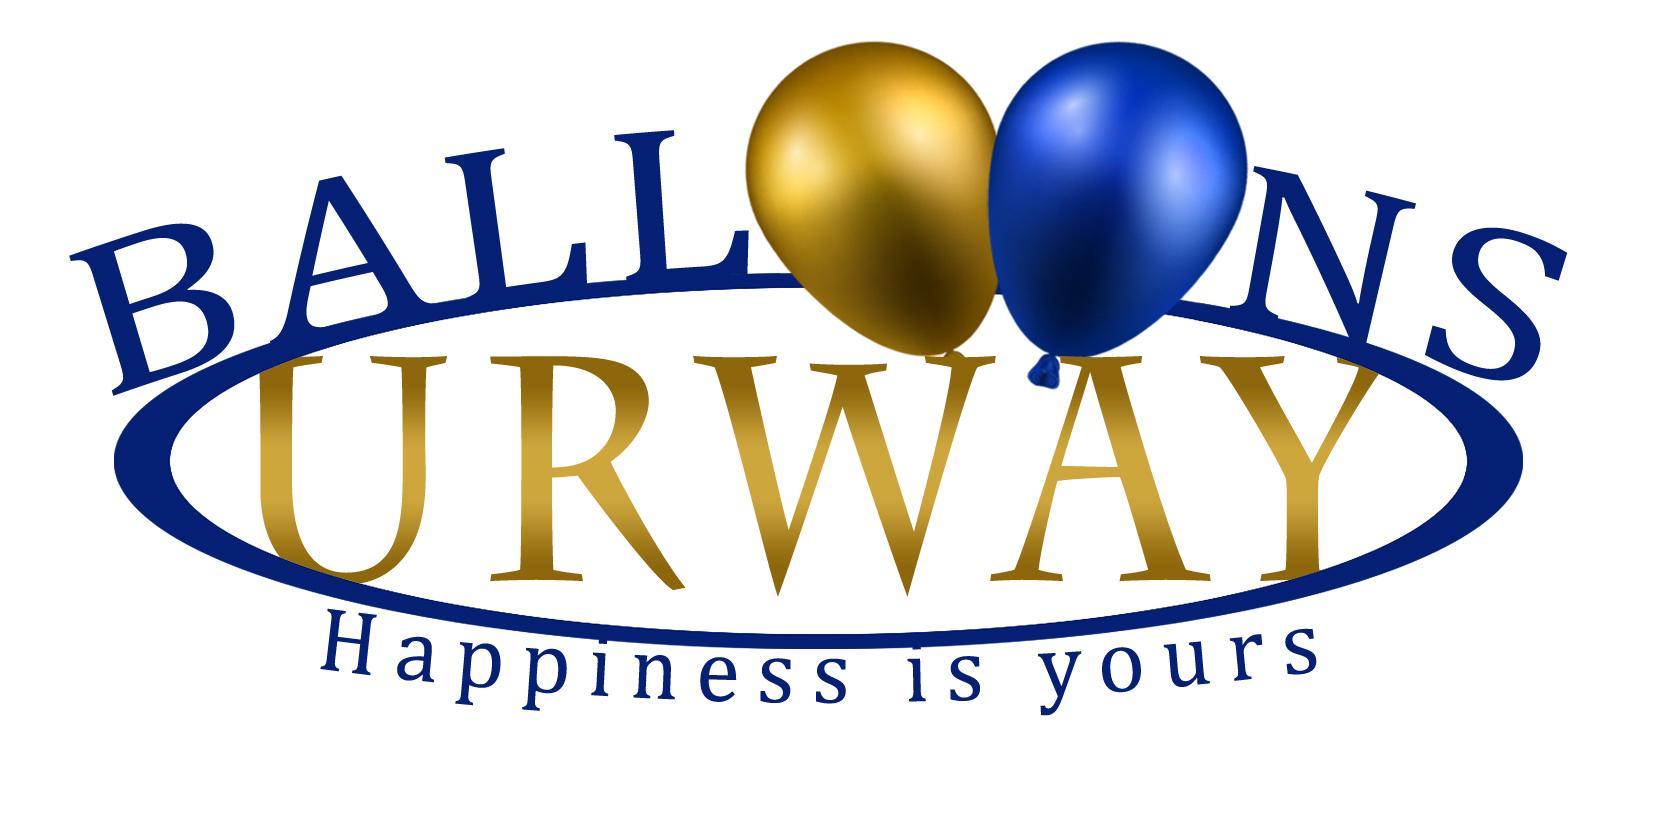 Balloonsurway